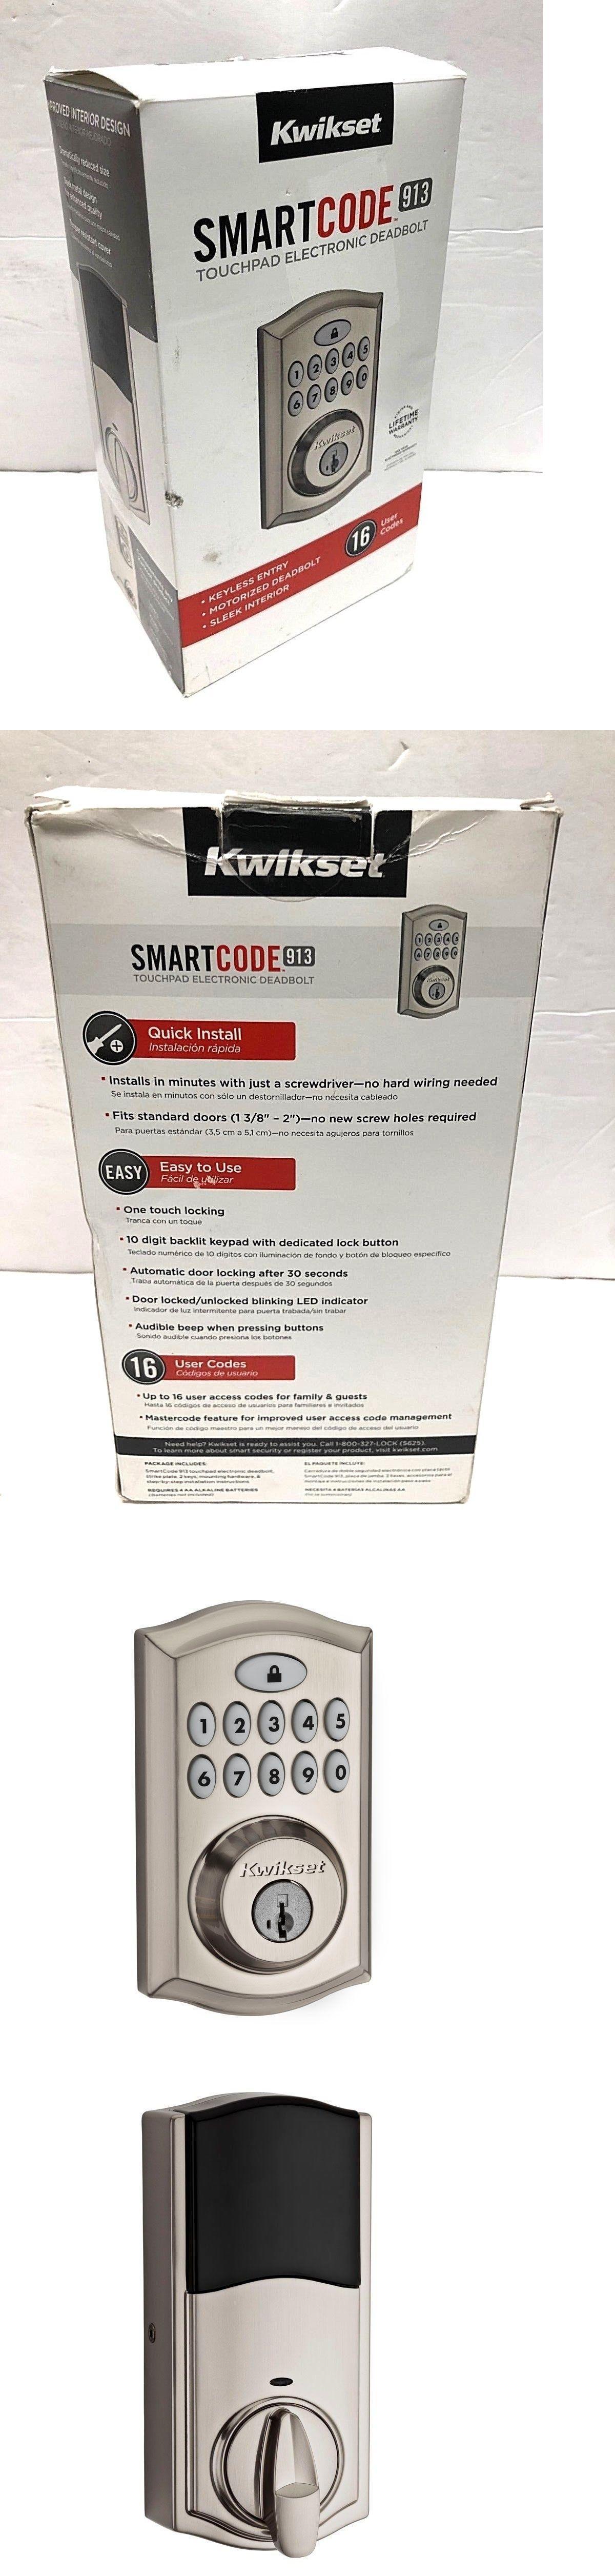 Door Locks And Lock Mechanisms 180966 Kwikset Smartcode 913 Satin Nickel Single Cylinder Electronic Deadbolt Smartk Kwikset Smart Deadbolt Electronic Deadbolt